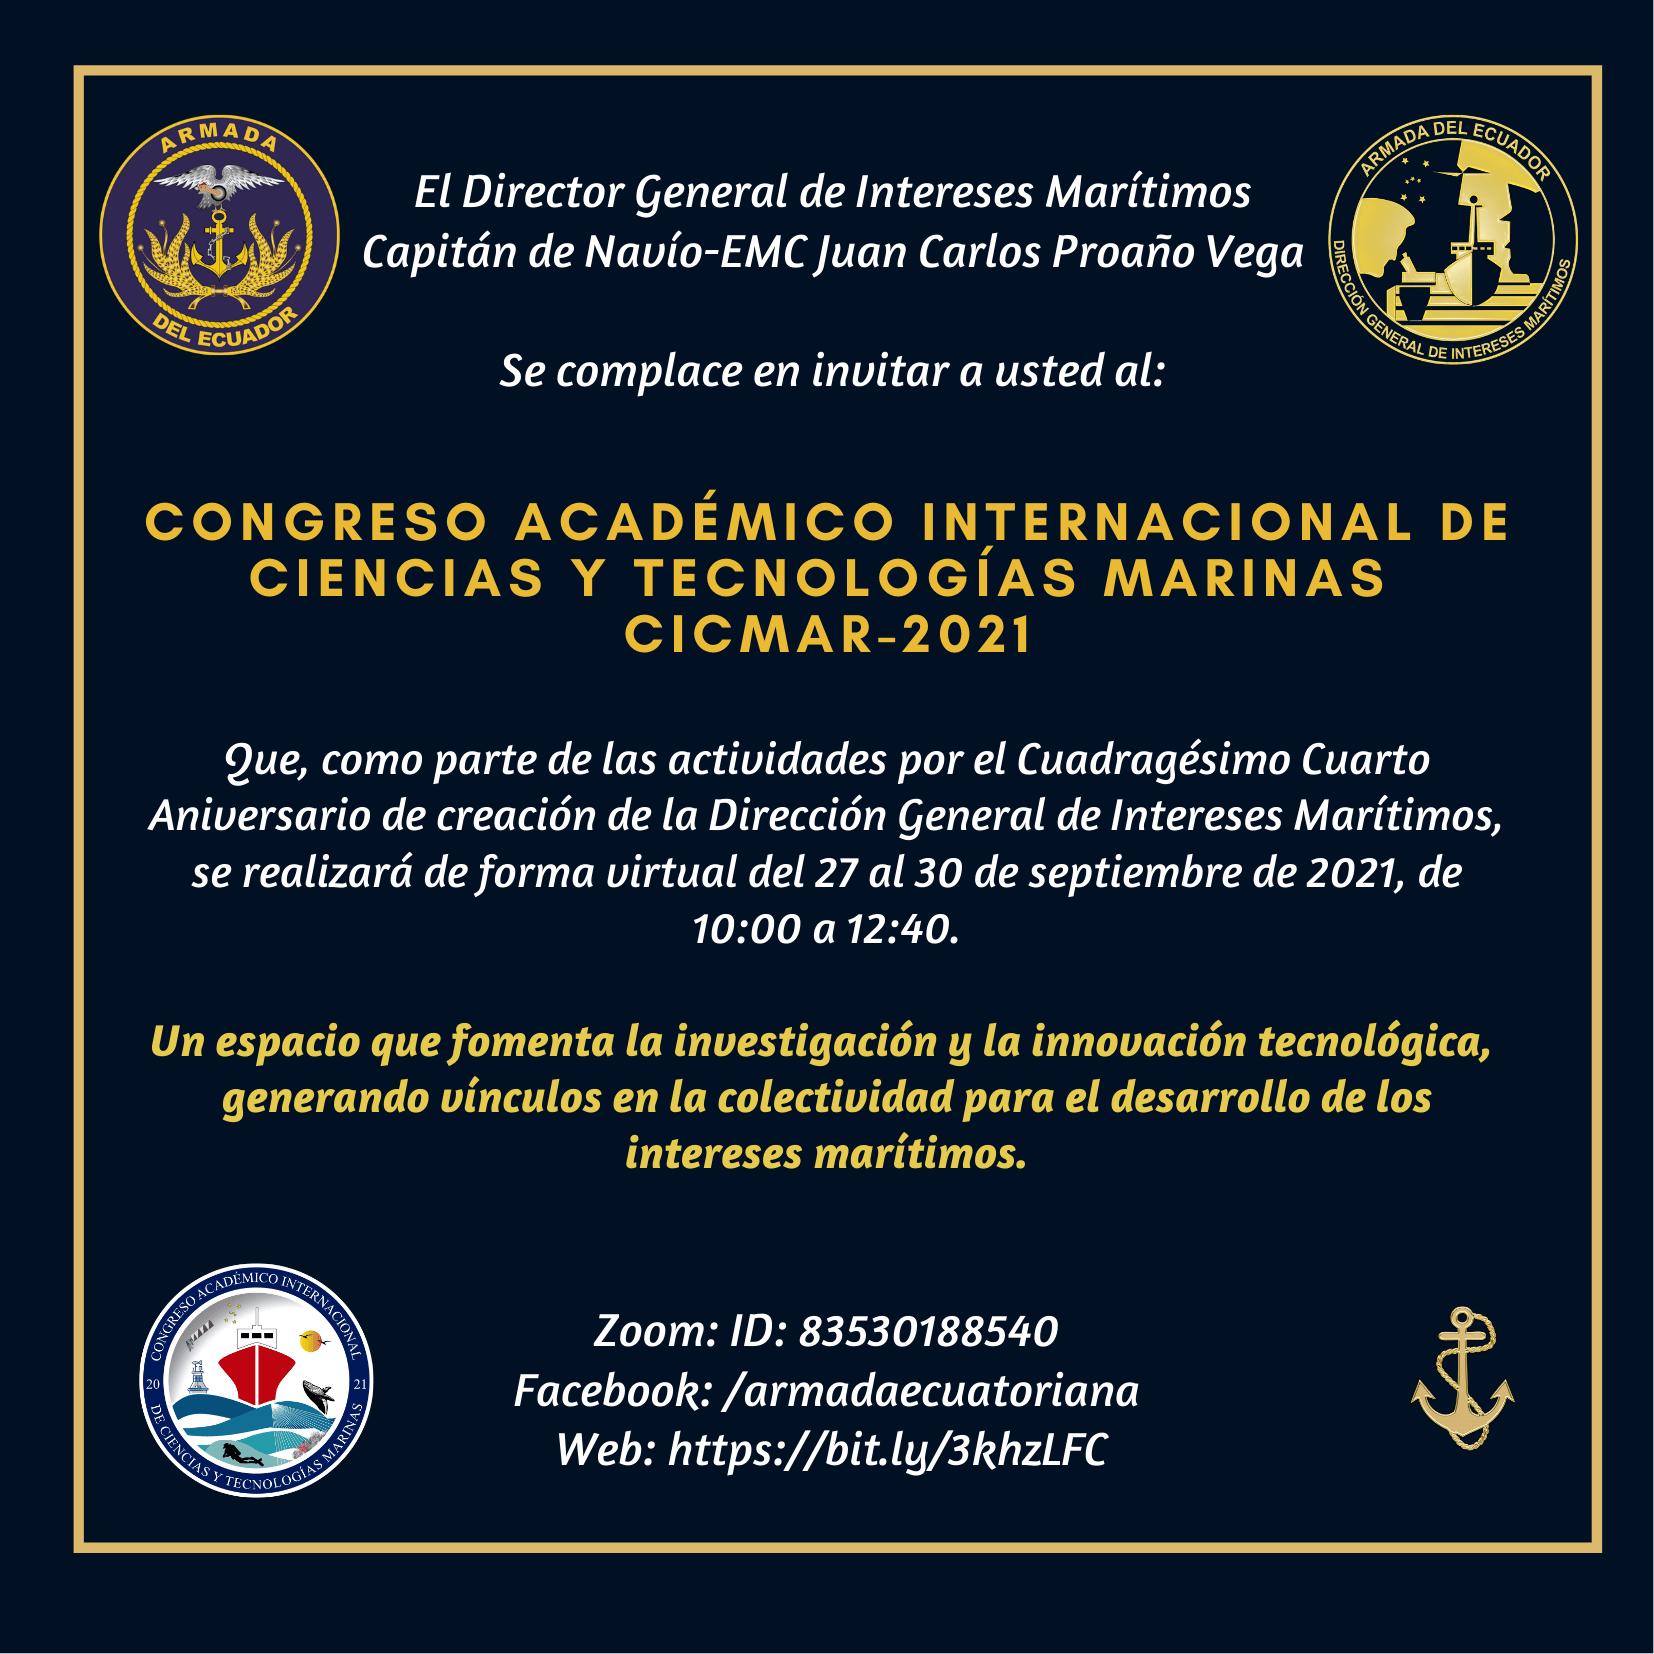 invitacion cicmar2021